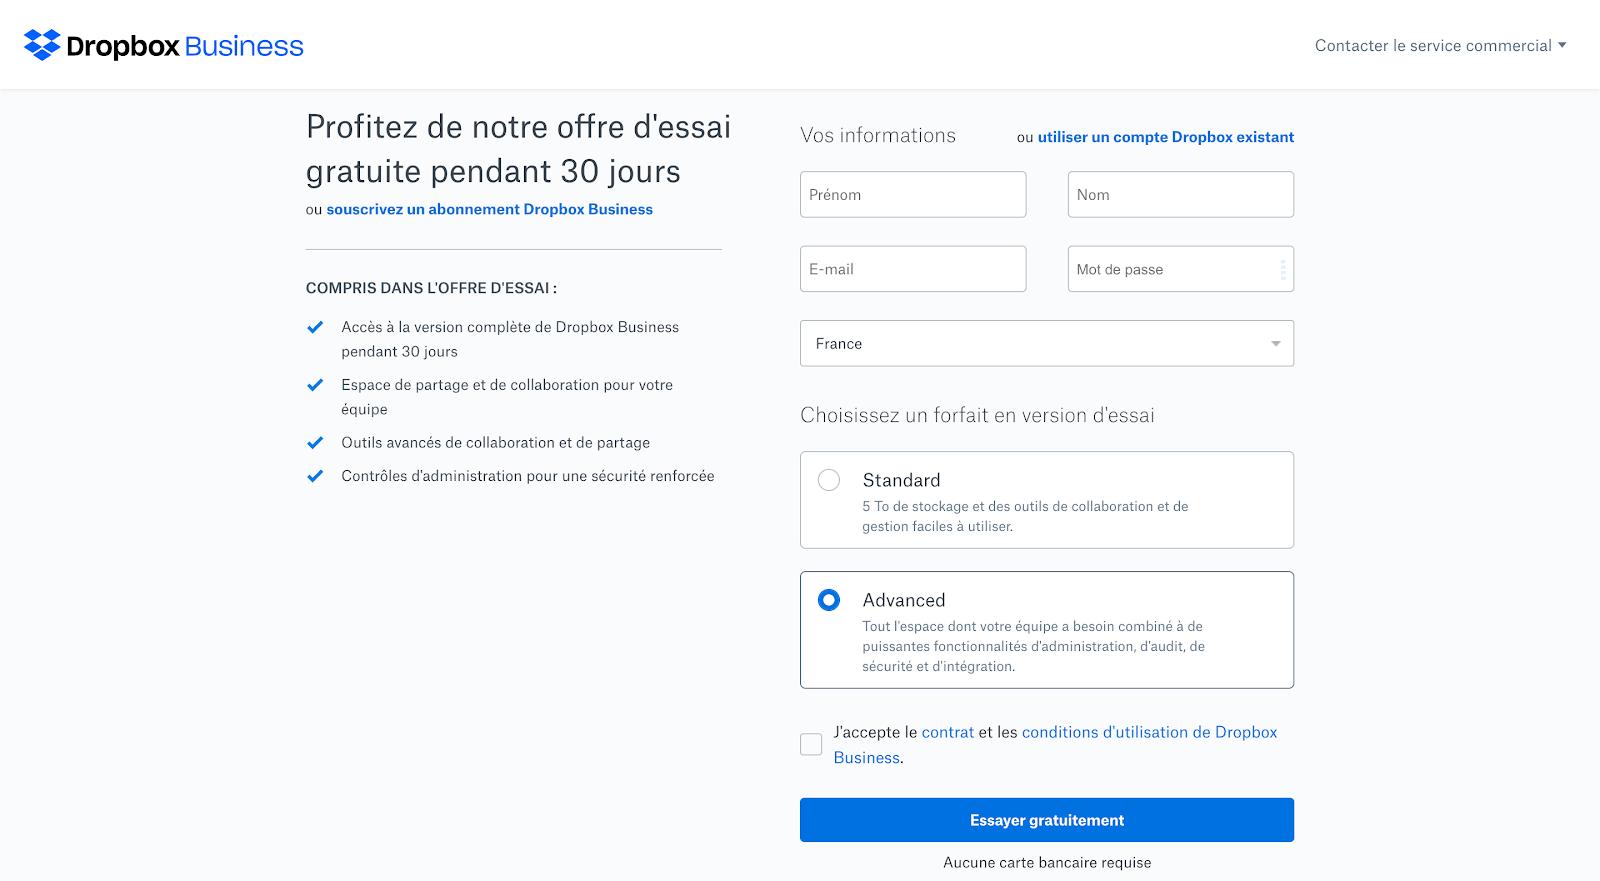 exemple de la landing page Dropbox qui présente ses bénéfices